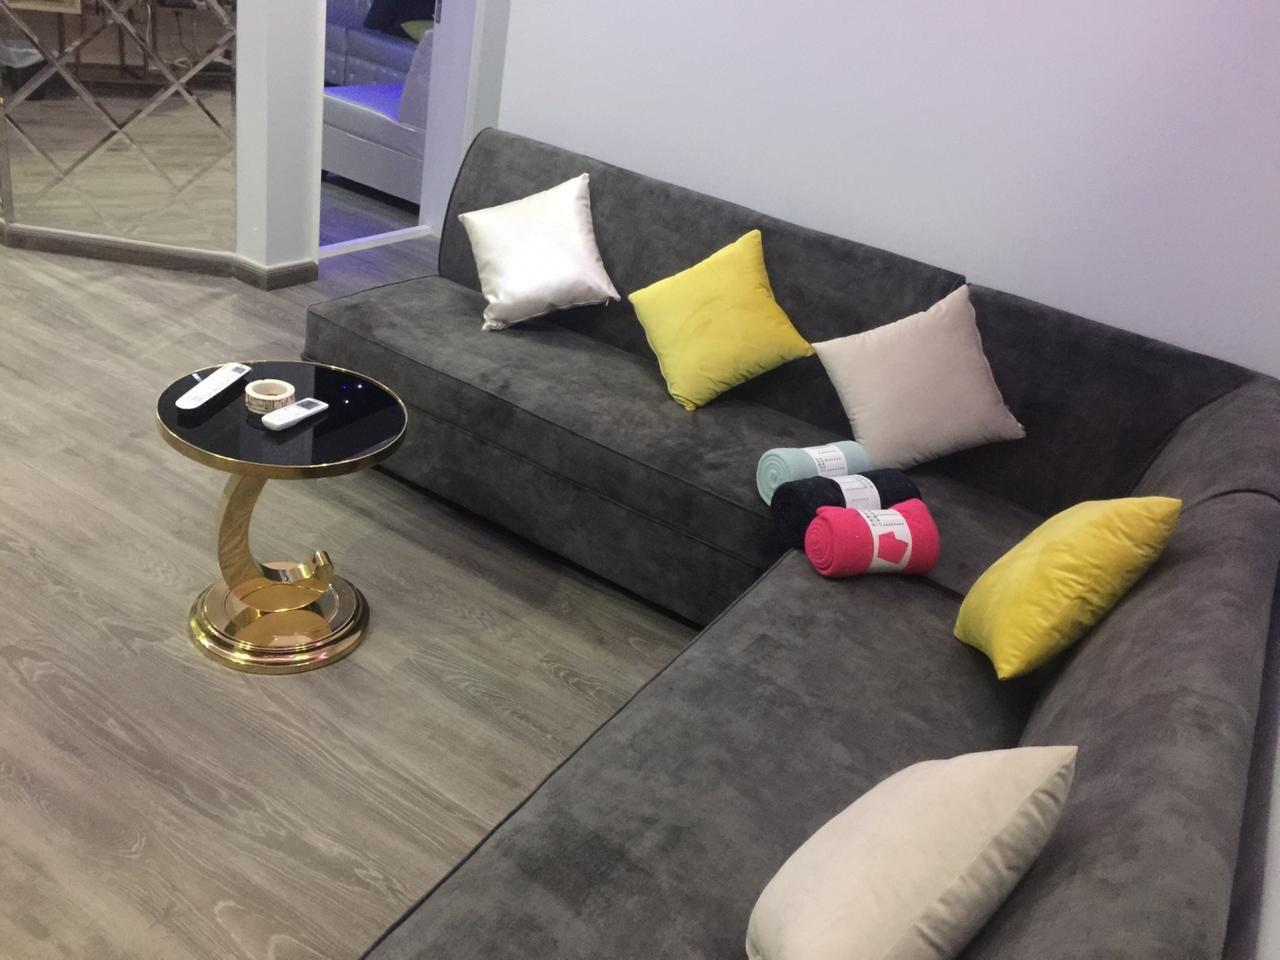 شركة تنظيف بخميس مشيط 0536968703 تنظيف الفلل و المنازل بخميس مشيط Furniture Home Decor Sectional Couch